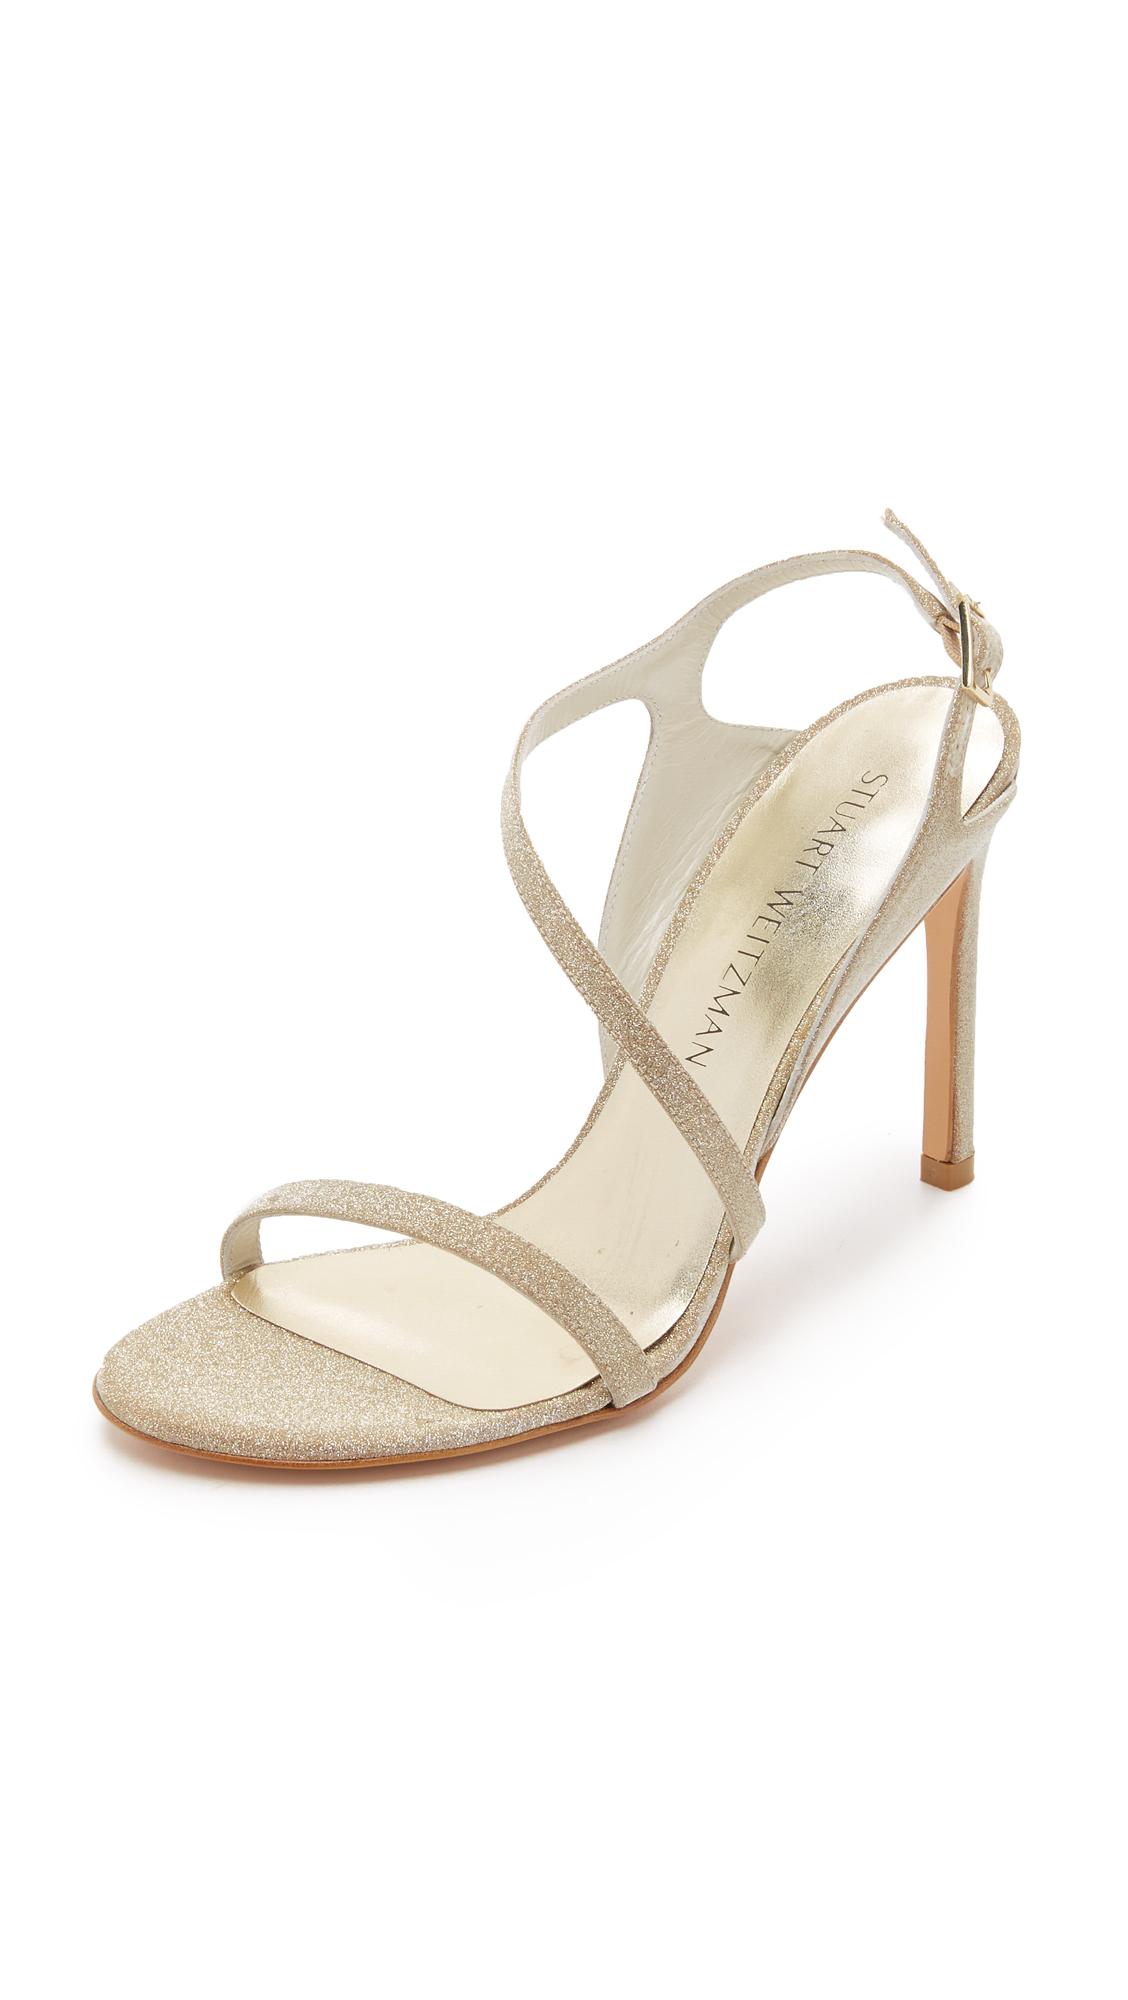 Stuart Weitzman Metallic Slingback Sandals deals online cheap sale latest G29FLl